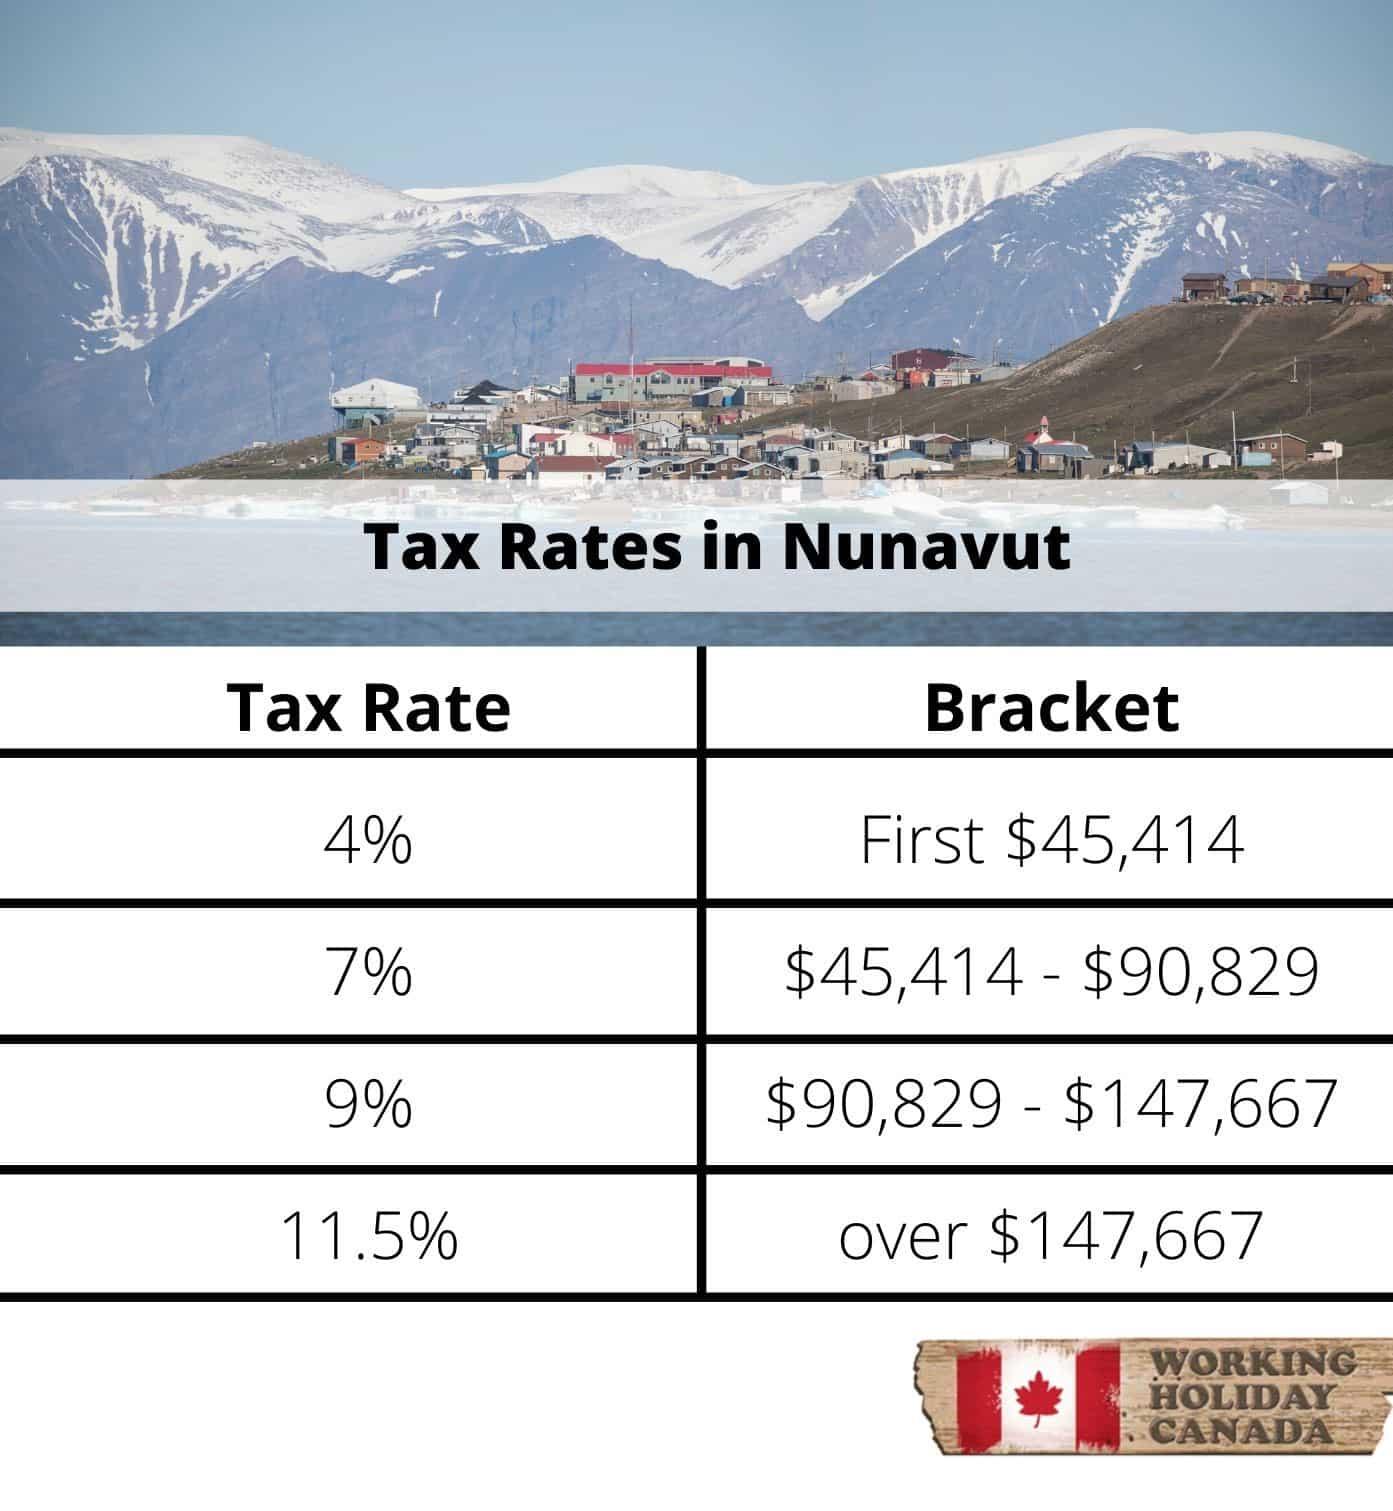 Nunavut tax brackets